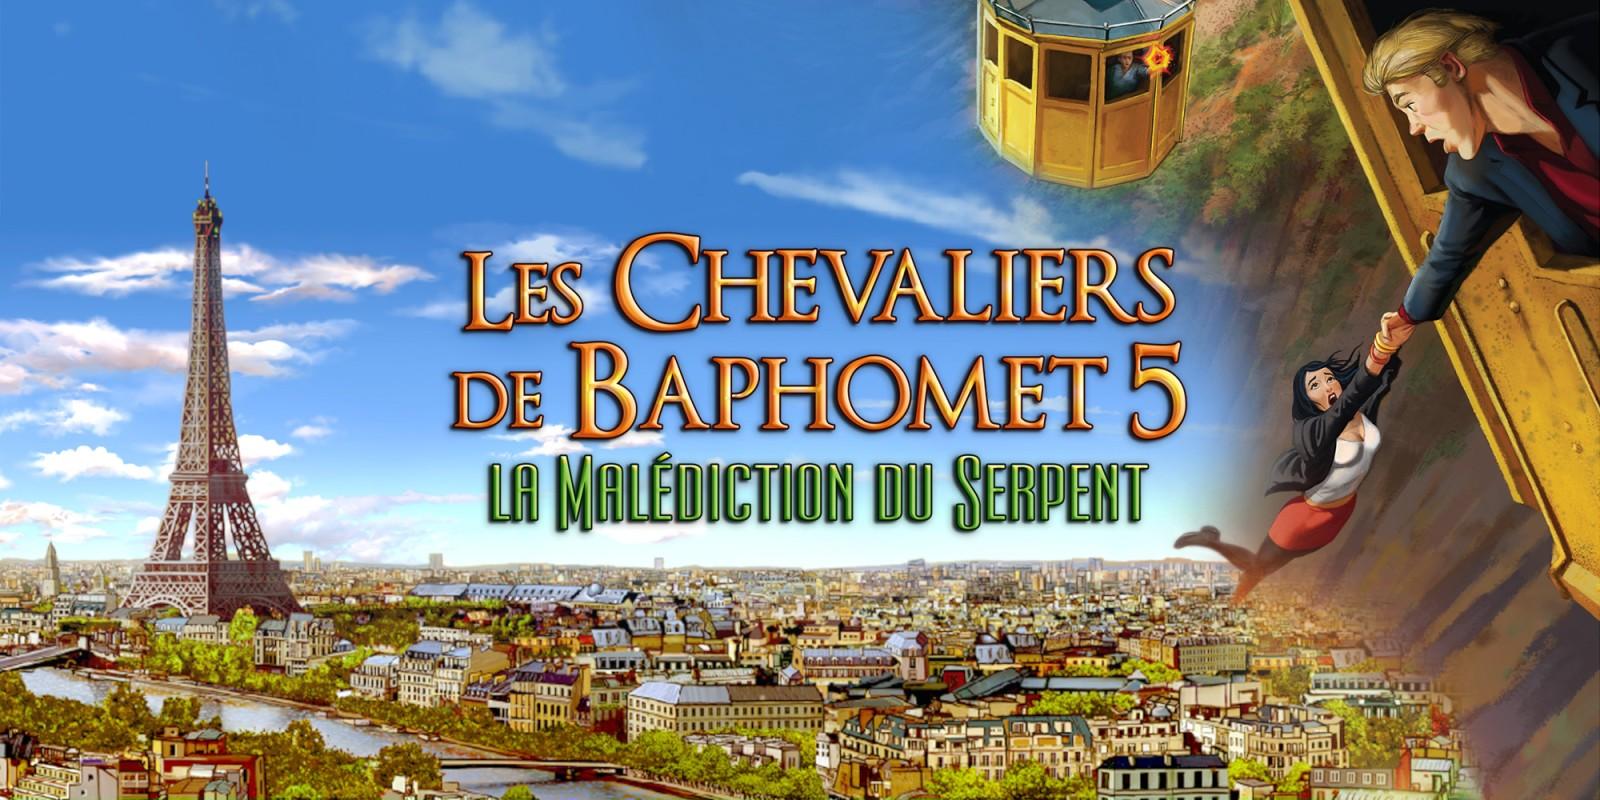 GRATUIT DE JEUX BAPHOMET CHEVALIERS TÉLÉCHARGER LES